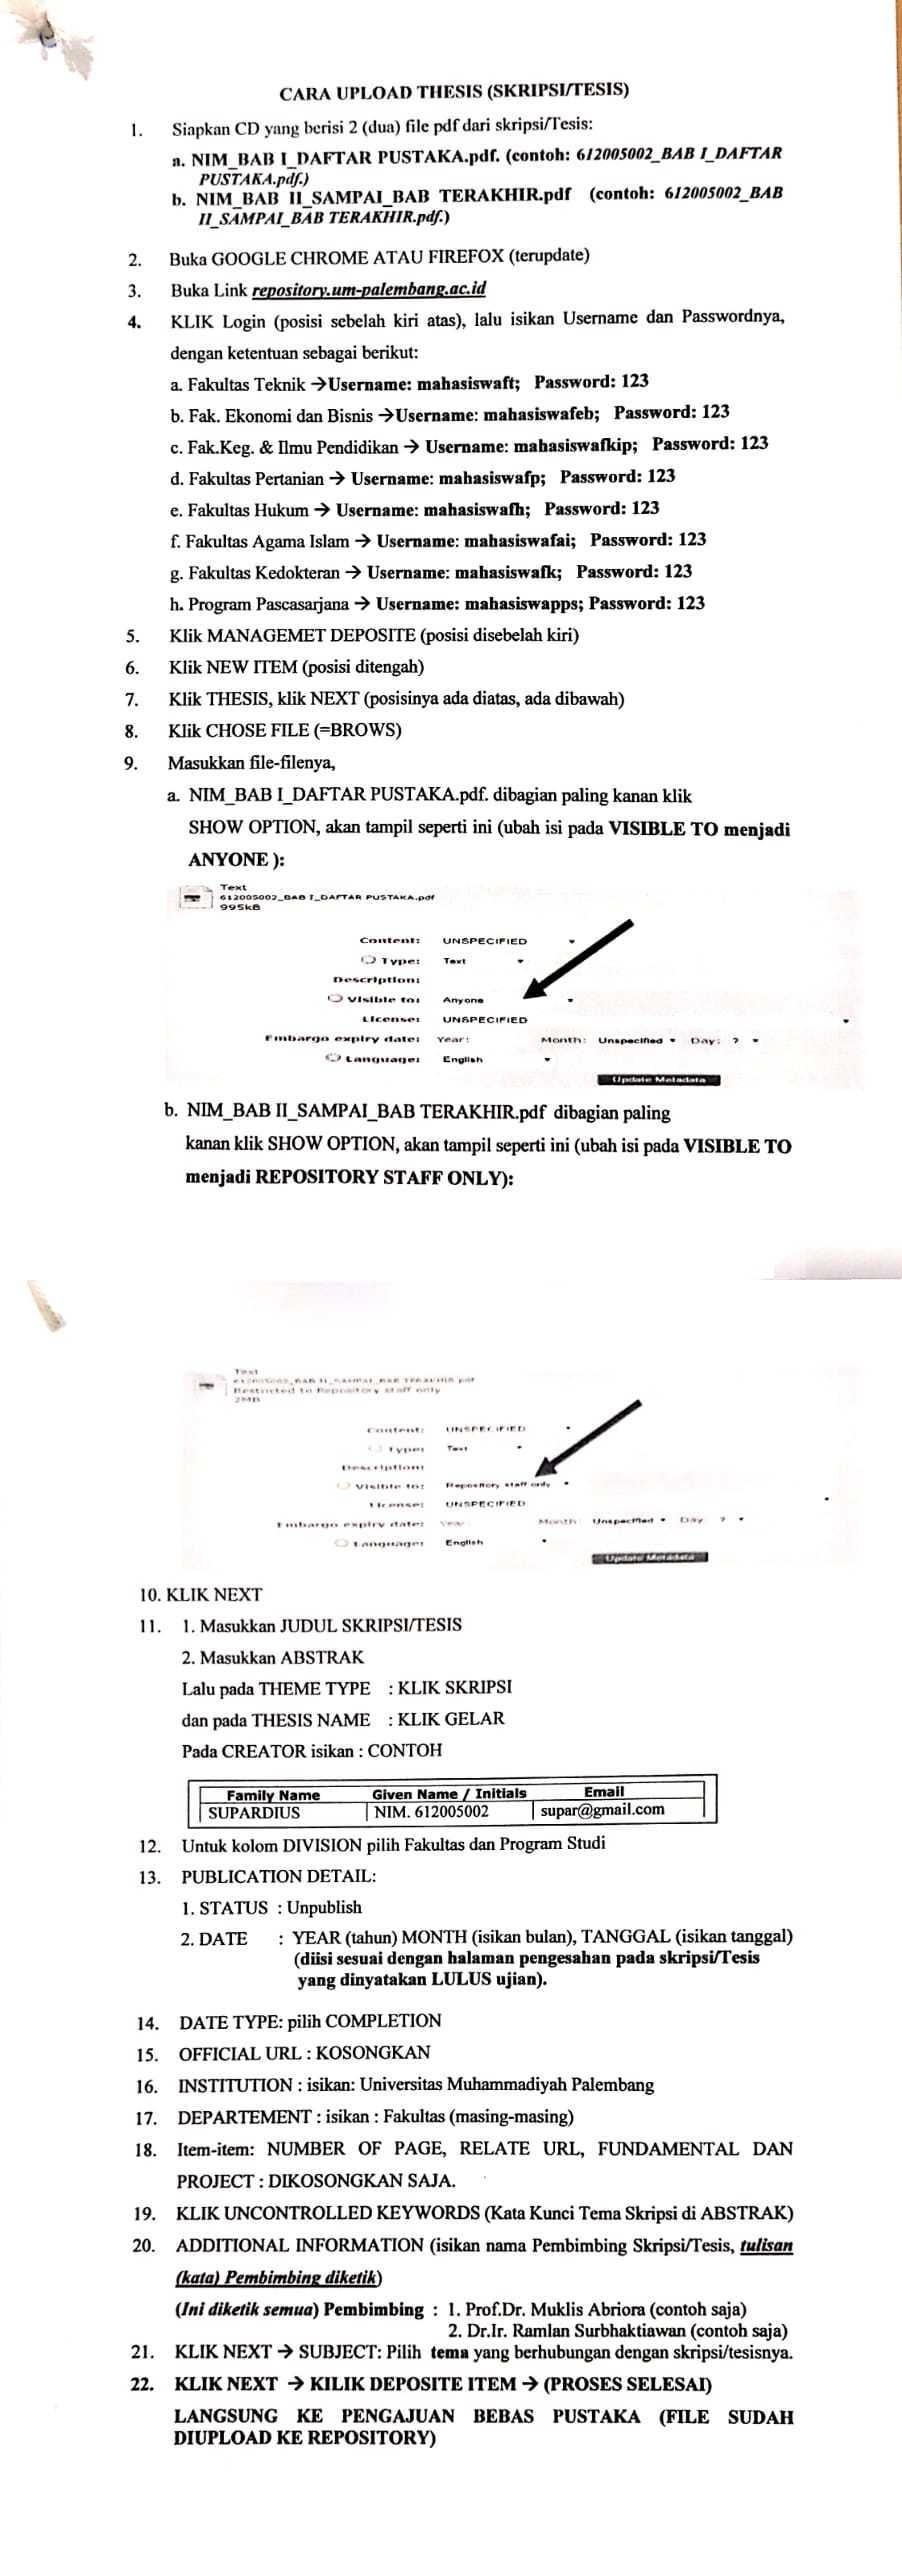 Sub Menu Login Selamat Datang Di Repository Digital Universitas Muhammadiyah Palembang Kami Berkomitmen Untuk Memudahkan Akses Ke Koleksi Digital Yang Dihasilkan Oleh Civitas Akademika Universitas Muhammadiyah Palembang Untuk